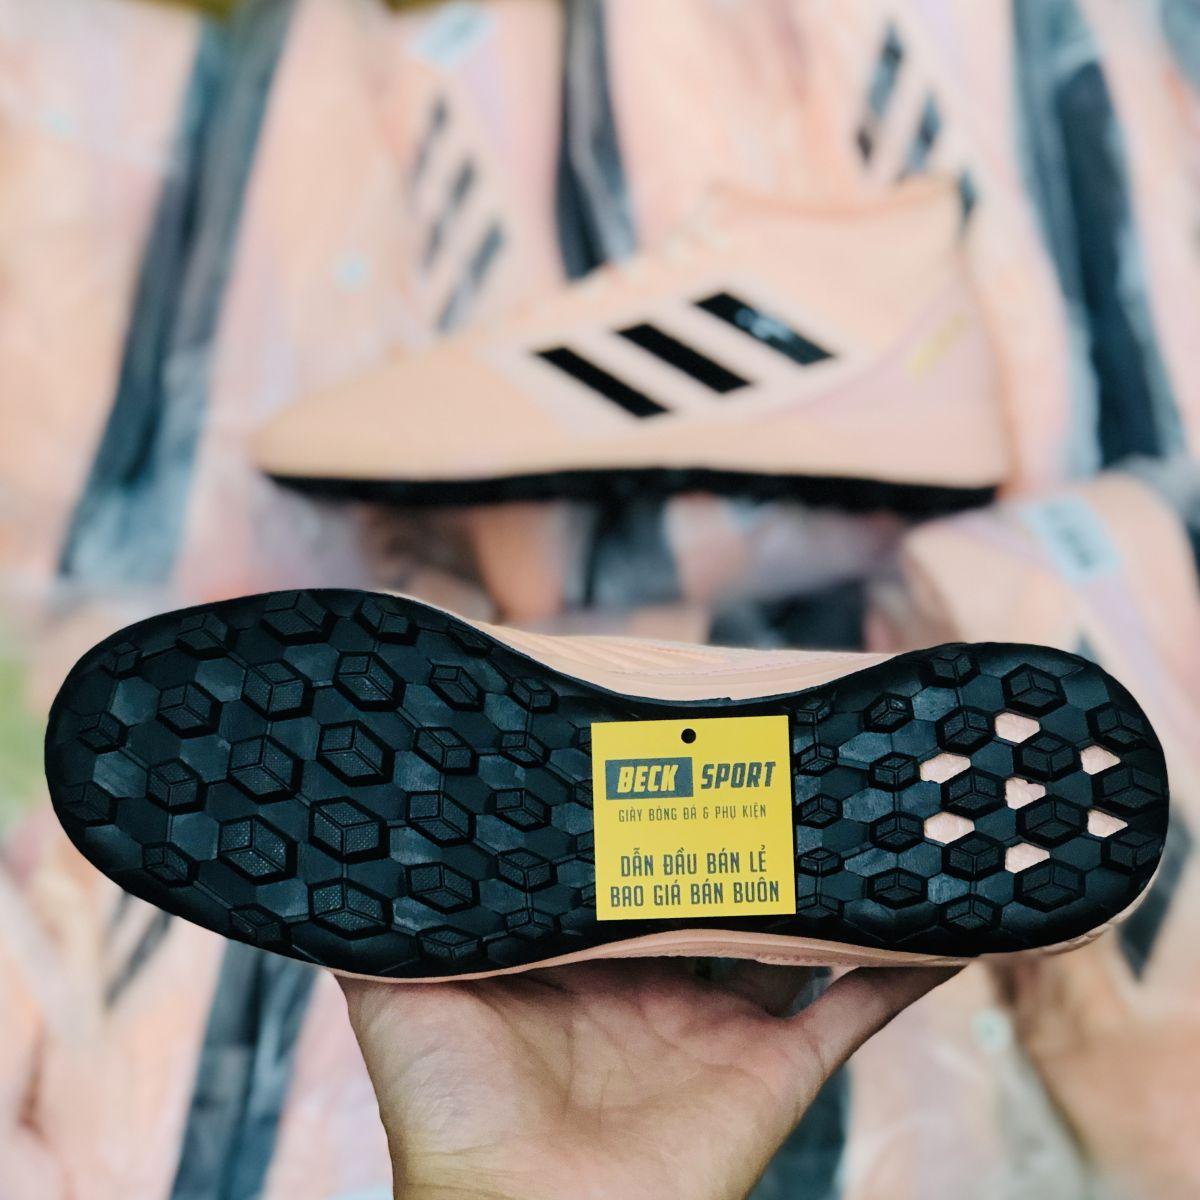 Giày Bóng Đá Adidas Predator 18.3 Hồng Vạch Đen Đế Boost Đen Cao Cổ TF